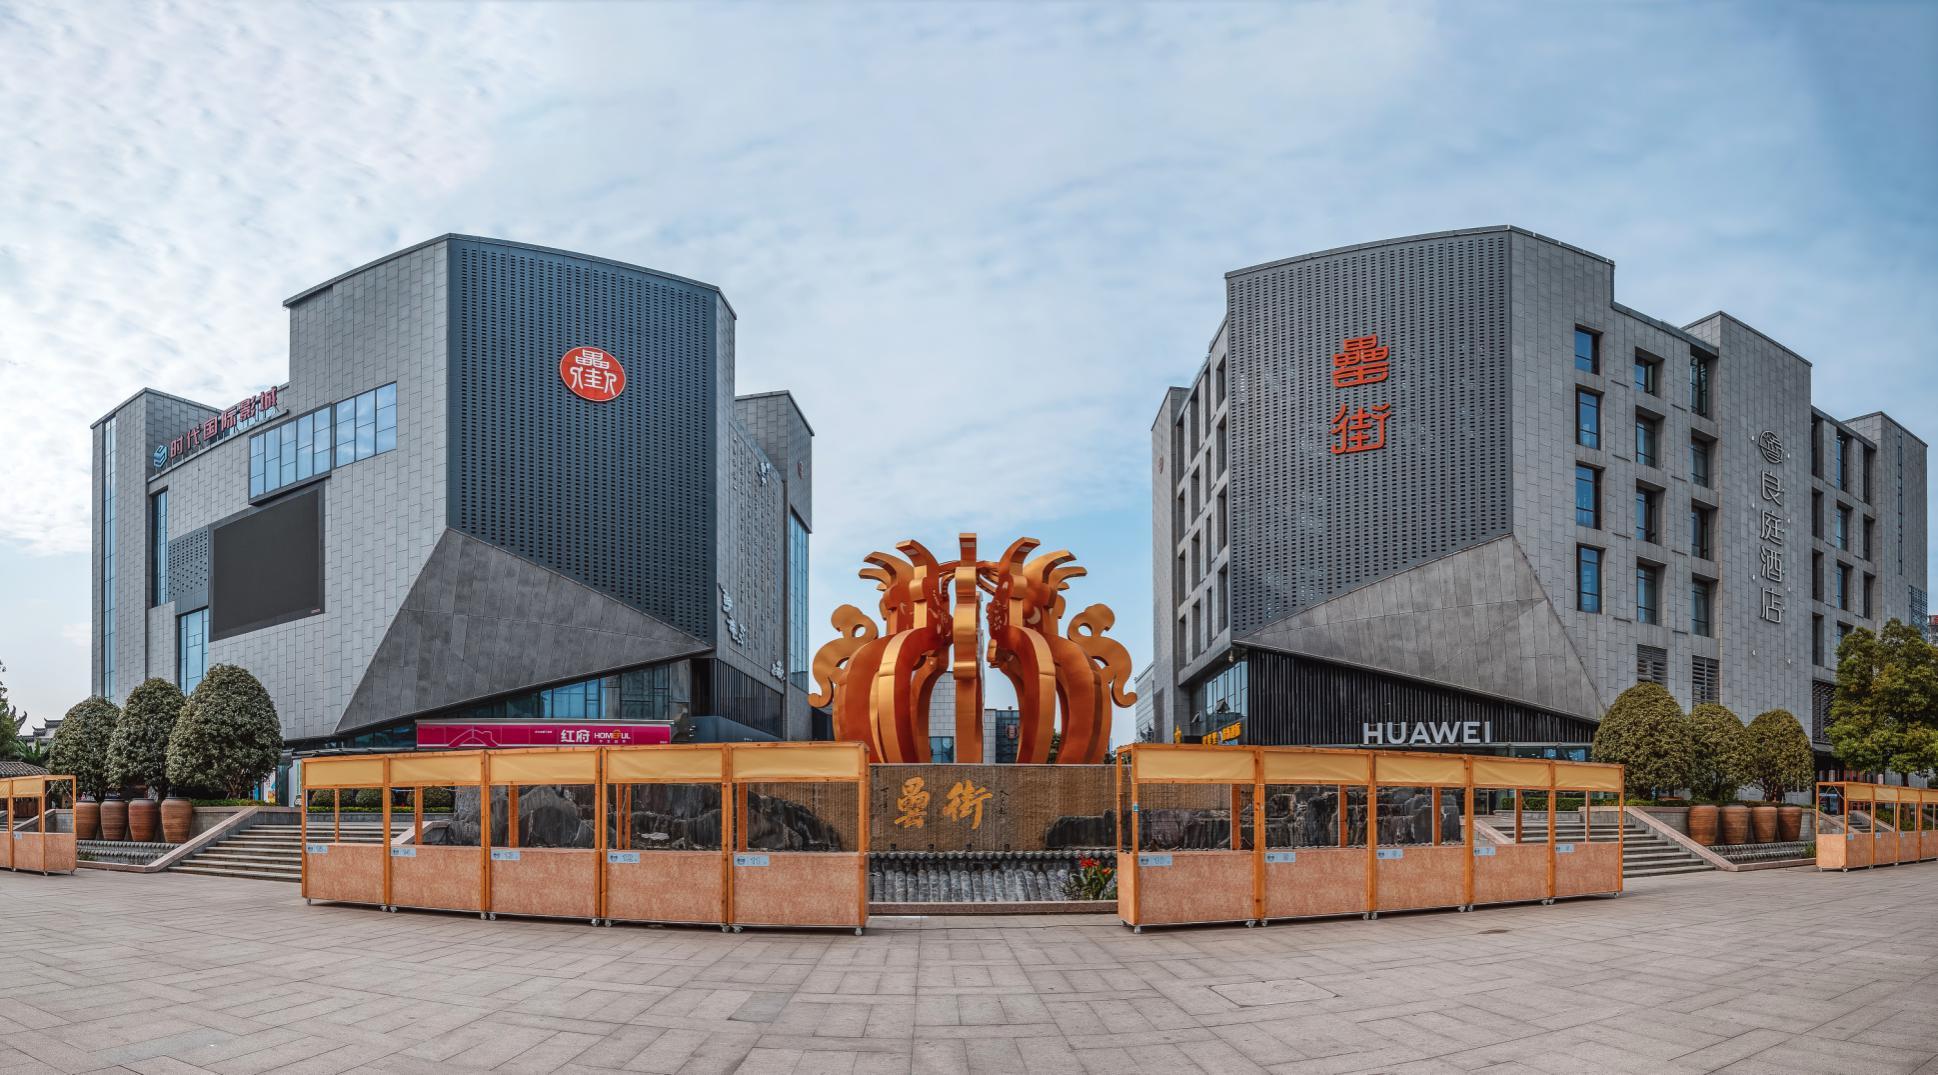 安徽合肥:文化產業增加值年超10%